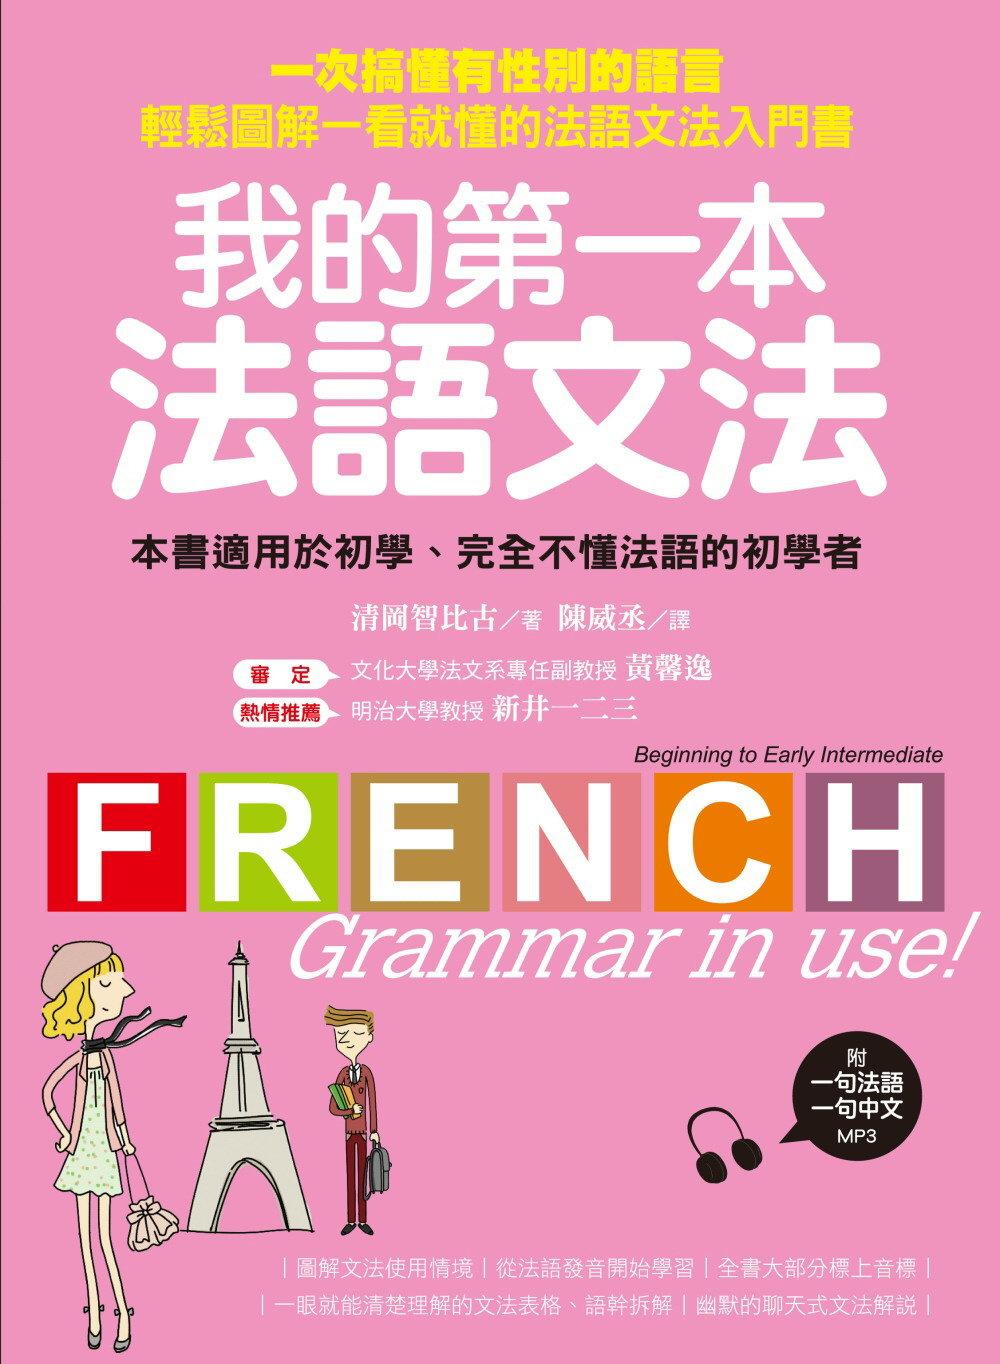 我的第一本法語文法:一次搞懂有性別的語言!輕鬆圖解一看就懂的法語文法入門書 附一句法文、一